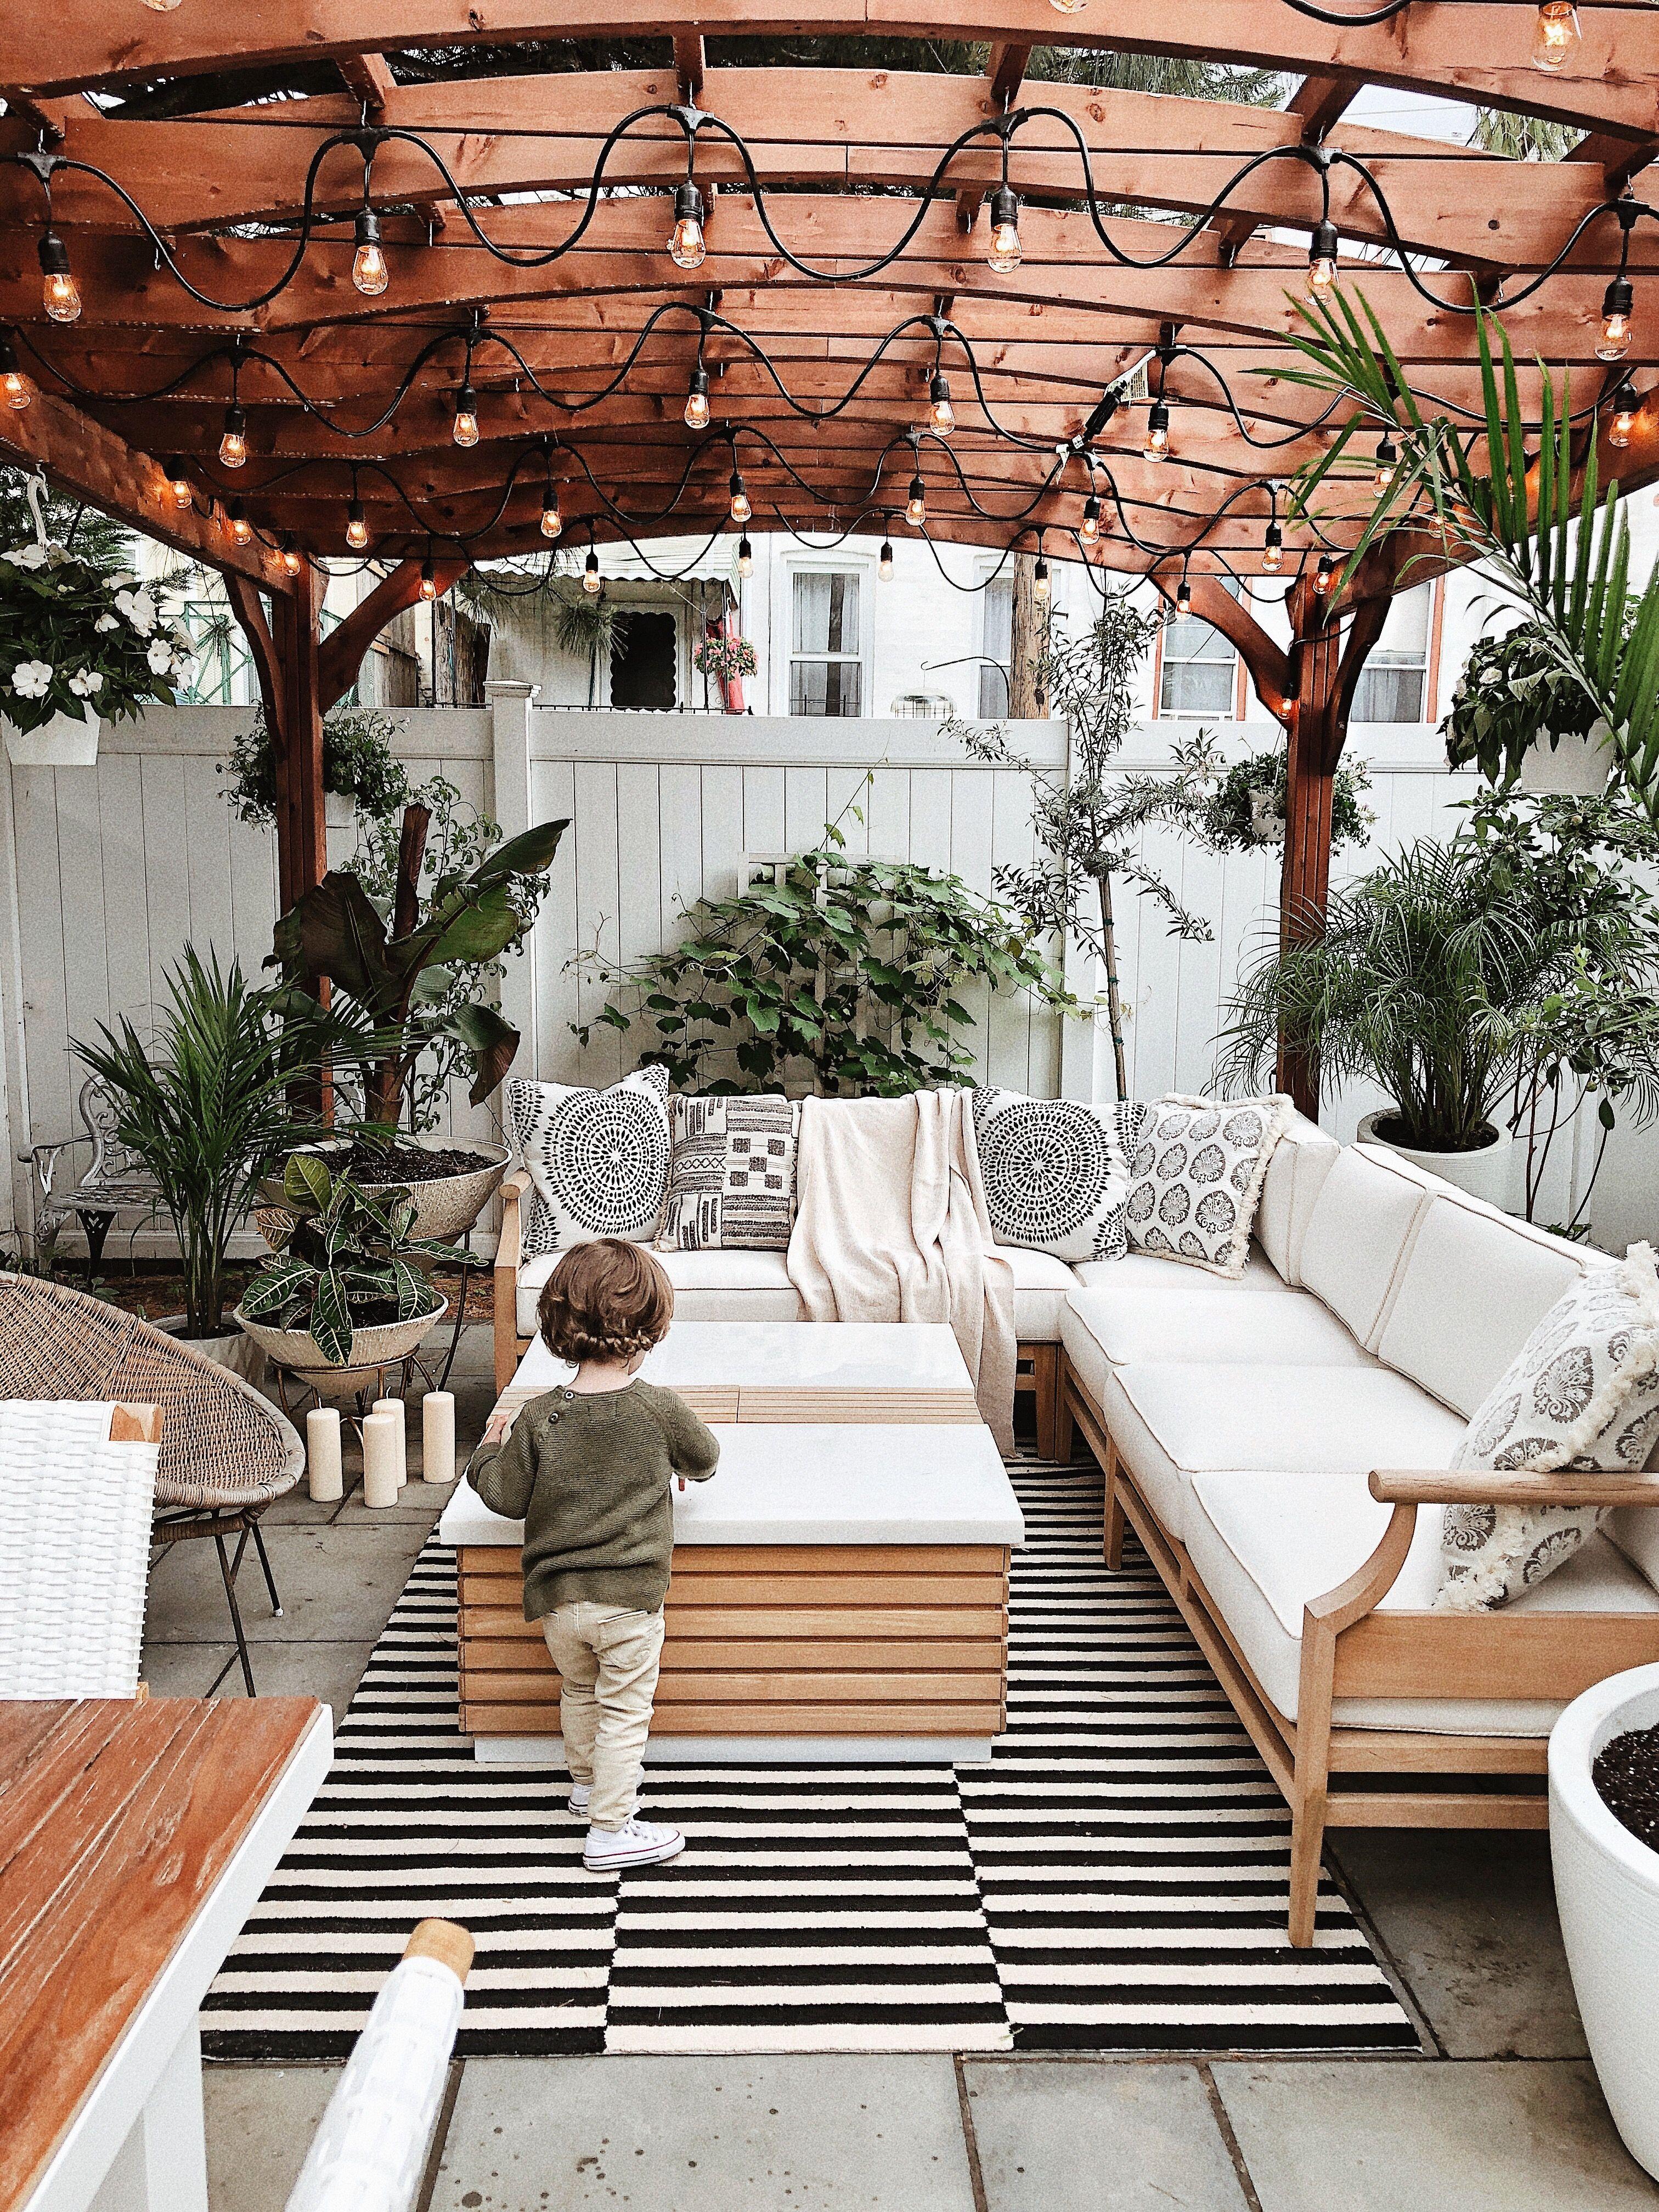 A Preview Of Our Backyard Terrazza Arredamento Arredo Giardino